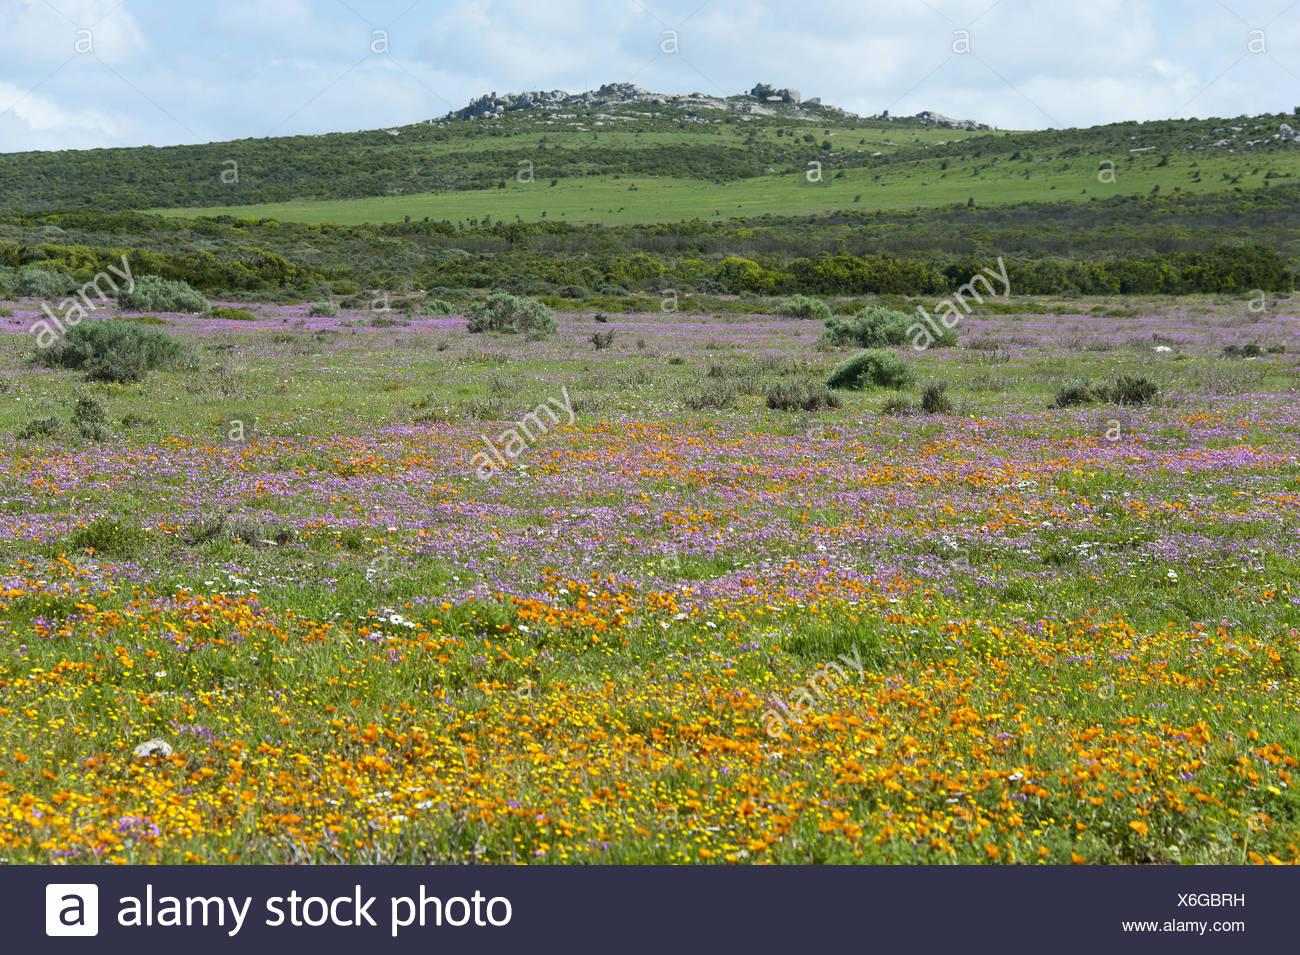 Flower meadow avec rock formation à l'horizon sur la côte atlantique dans la côte ouest Nationalpark, Afrique du Sud, Western Cape, West Coast National Park Photo Stock